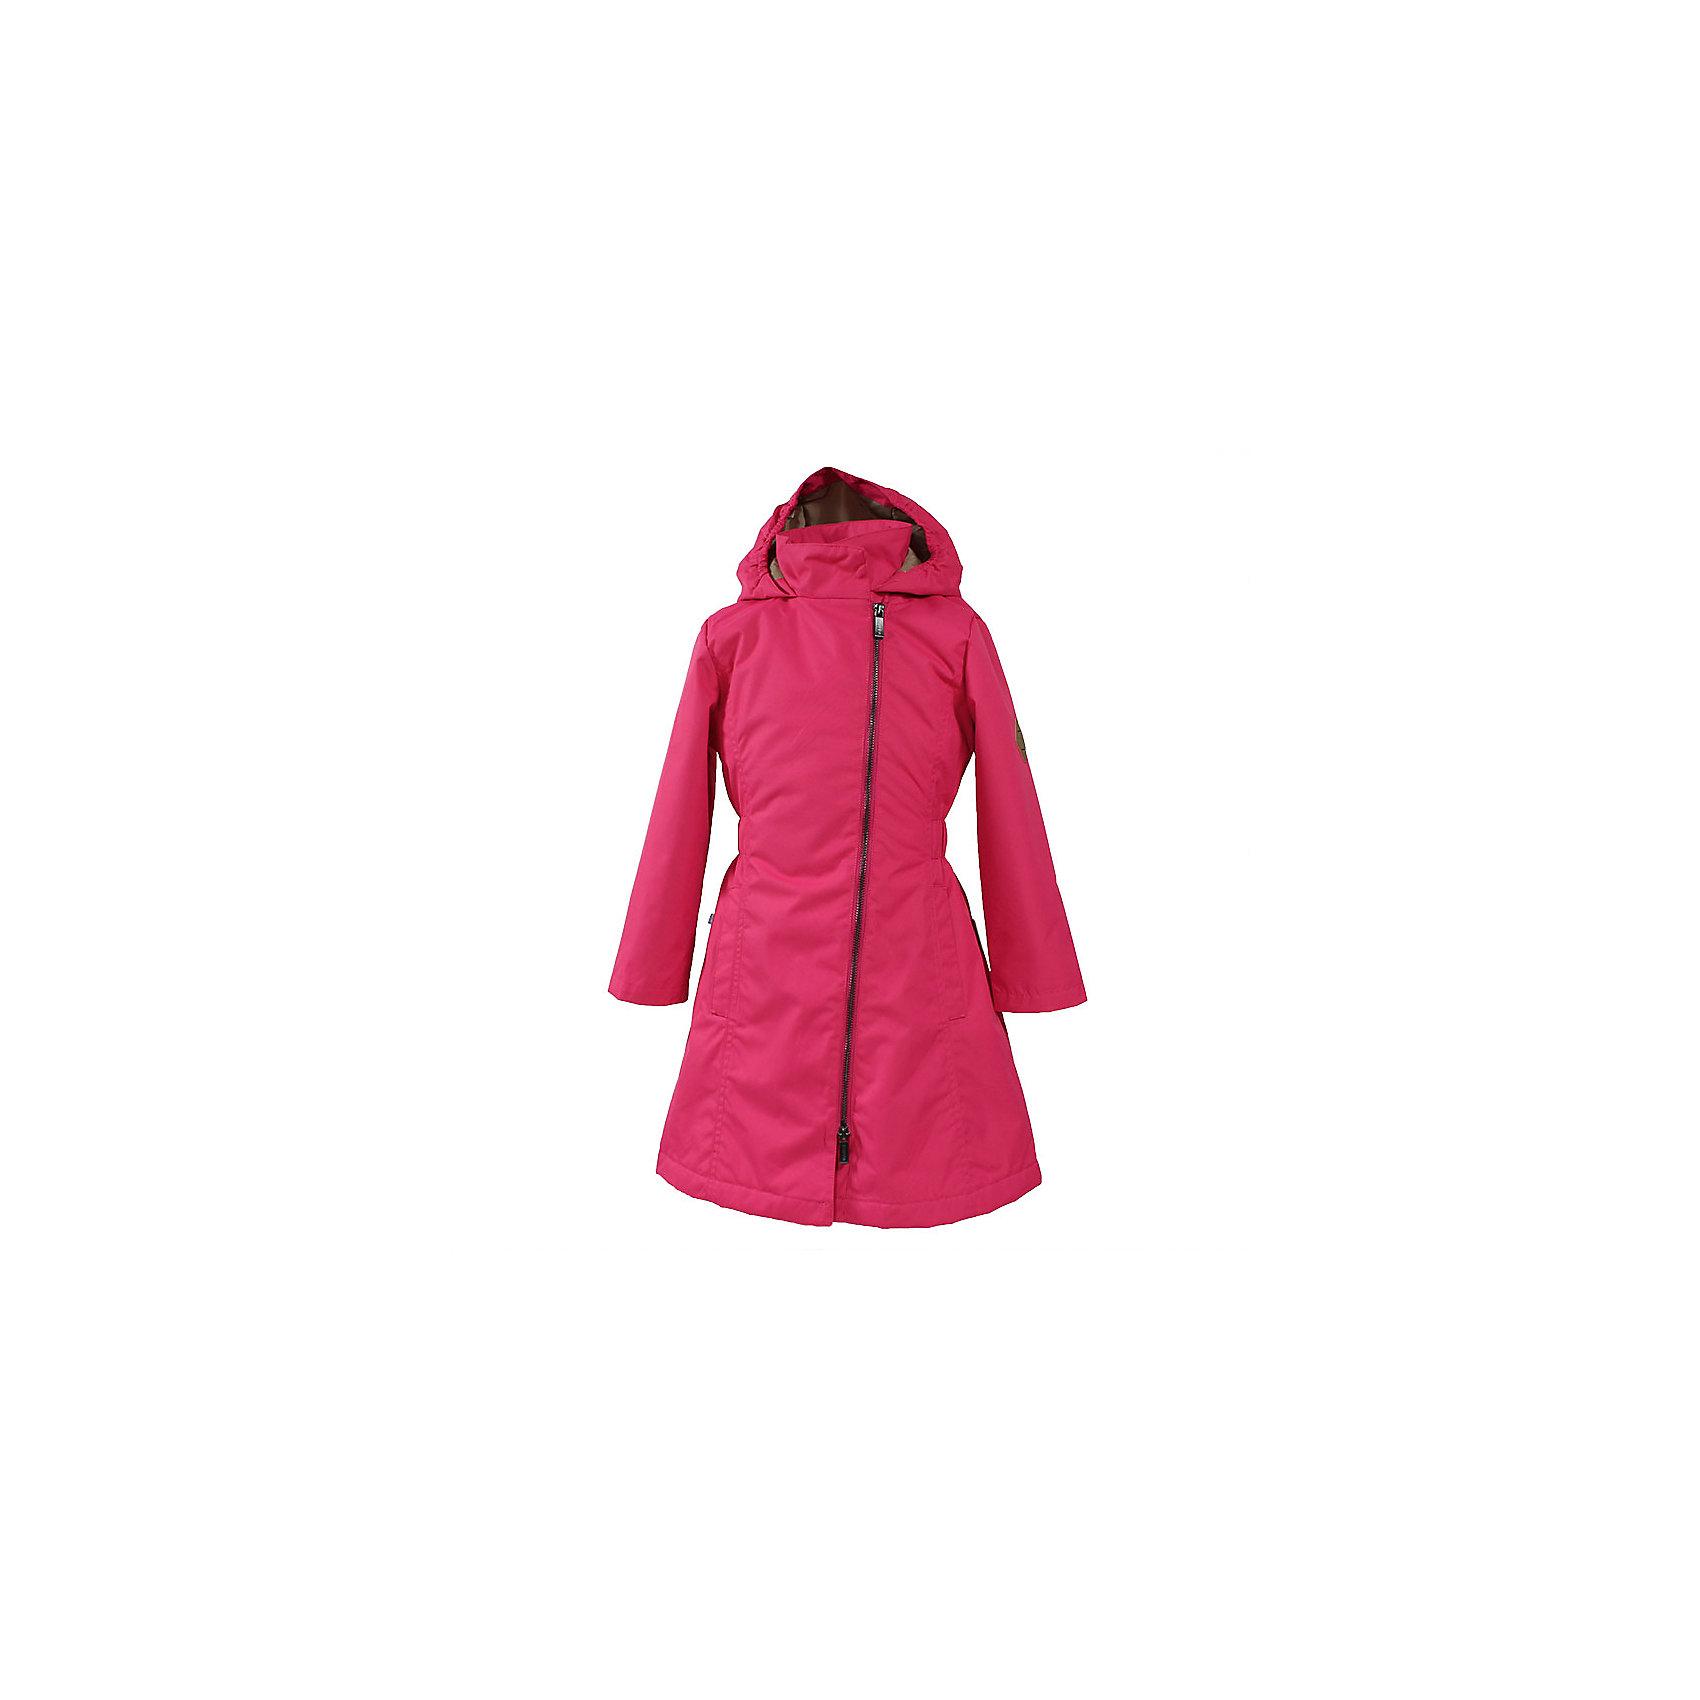 Пальто для девочки LUISA HuppaПальто и плащи<br>Характеристики товара:<br><br>• цвет: розовый<br>• состав: 100% полиэстер (подкладка - тафта)<br>• утеплитель: 40 г<br>• температурный режим: от 0°С до +10°С<br>• водонепроницаемость: 10000 мм<br>• воздухопроницаемость: 10000 мм<br>• светоотражающие детали<br>• плечевые швы проклеены<br>• молния<br>• съёмный капюшон с резинкой<br>• приталенный силуэт<br>• прорезные карманы<br>• комфортная посадка<br>• коллекция: весна-лето 2017<br>• страна бренда: Эстония<br><br>Это красивое пальто обеспечит детям тепло и комфорт. Оно сделано из материала, отталкивающего воду, и дополнено подкладкой с утеплителем, поэтому изделие идеально подходит для межсезонья. Для удобства надевания сделана длинная молния. Пальто очень симпатично смотрится, яркая расцветка и крой добавляют ему оригинальности. Модель была разработана специально для детей.<br><br>Одежда и обувь от популярного эстонского бренда Huppa - отличный вариант одеть ребенка можно и комфортно. Вещи, выпускаемые компанией, качественные, продуманные и очень удобные. Для производства изделий используются только безопасные для детей материалы. Продукция от Huppa порадует и детей, и их родителей!<br><br>Пальто для девочки LUISA от бренда Huppa (Хуппа) можно купить в нашем интернет-магазине.<br><br>Ширина мм: 356<br>Глубина мм: 10<br>Высота мм: 245<br>Вес г: 519<br>Цвет: фиолетовый<br>Возраст от месяцев: 168<br>Возраст до месяцев: 180<br>Пол: Женский<br>Возраст: Детский<br>Размер: 140,146,158,164,152,116,122,170,110,128,134<br>SKU: 5346380